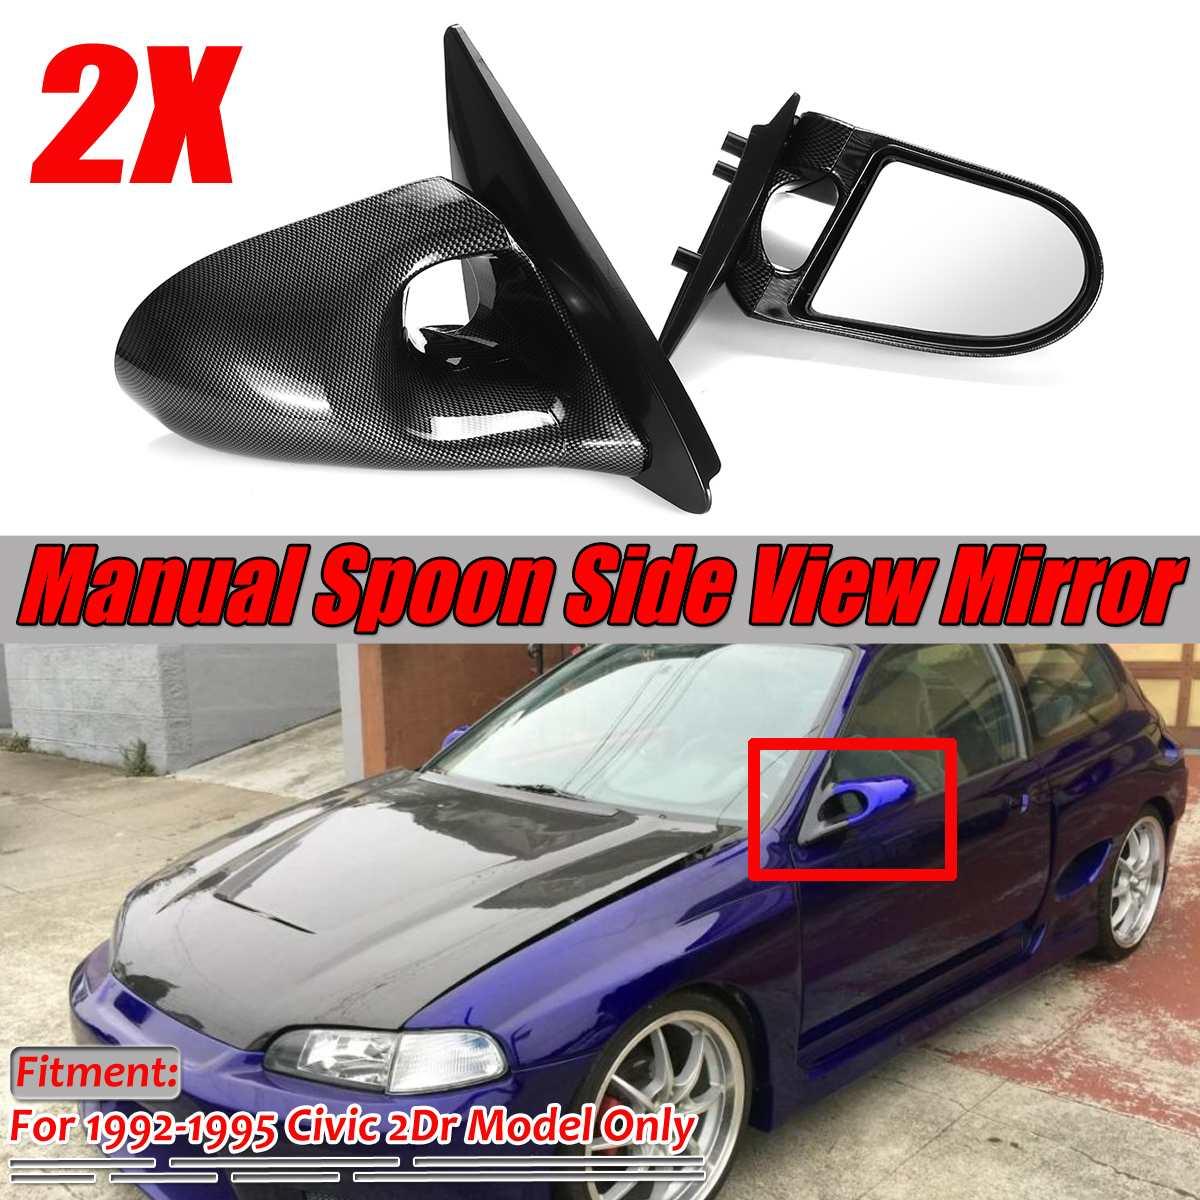 Um par de ajustamento manual de porta de carro, asa, visão traseira, espelho lateral para honda civic eg 2dr 1992-1995 fibra de carbono olhar/preto